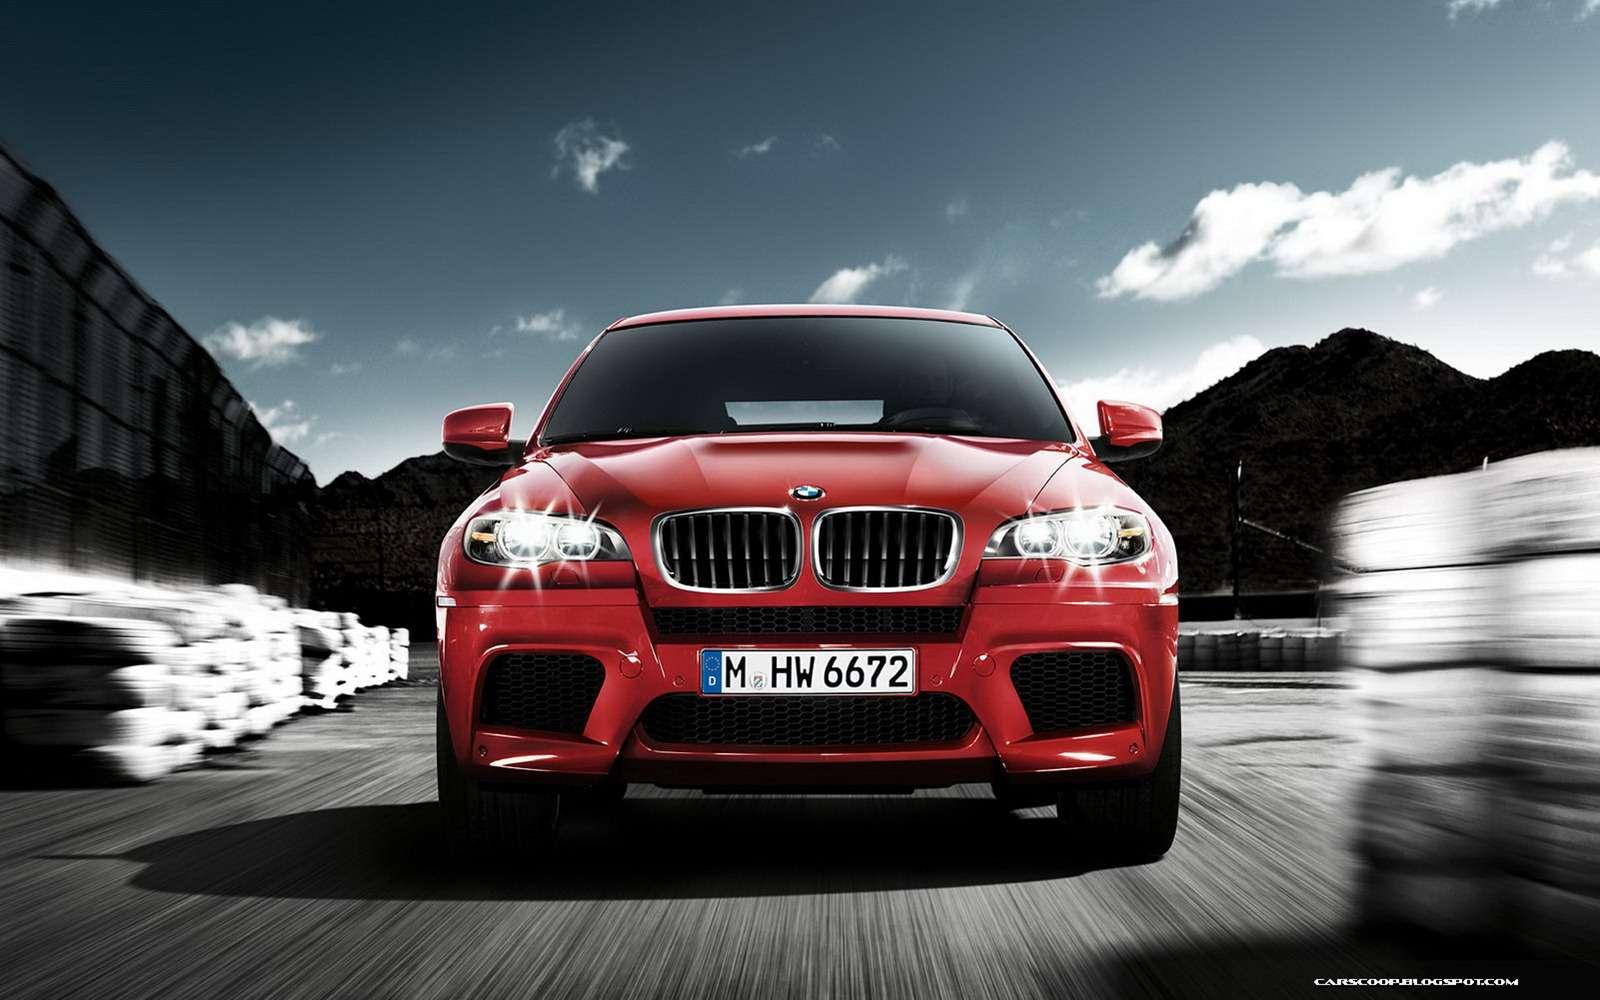 BMW X6M 2013 fot styczen 2012